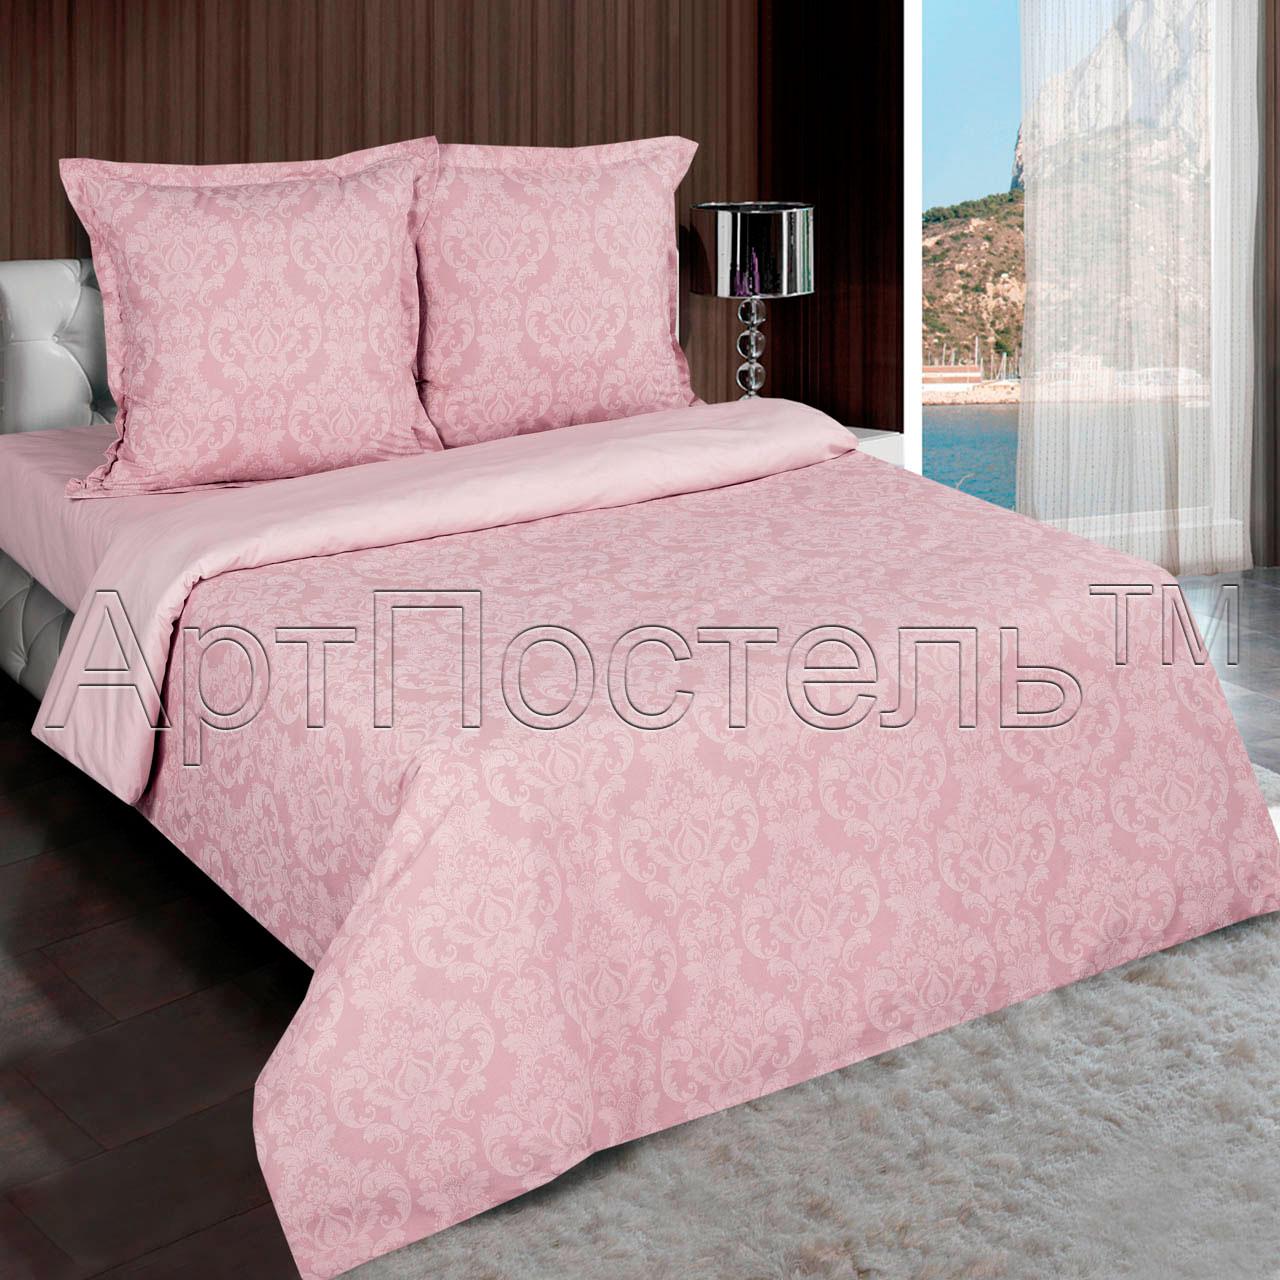 Комплект белья из поплина Византия розовый Артпостель